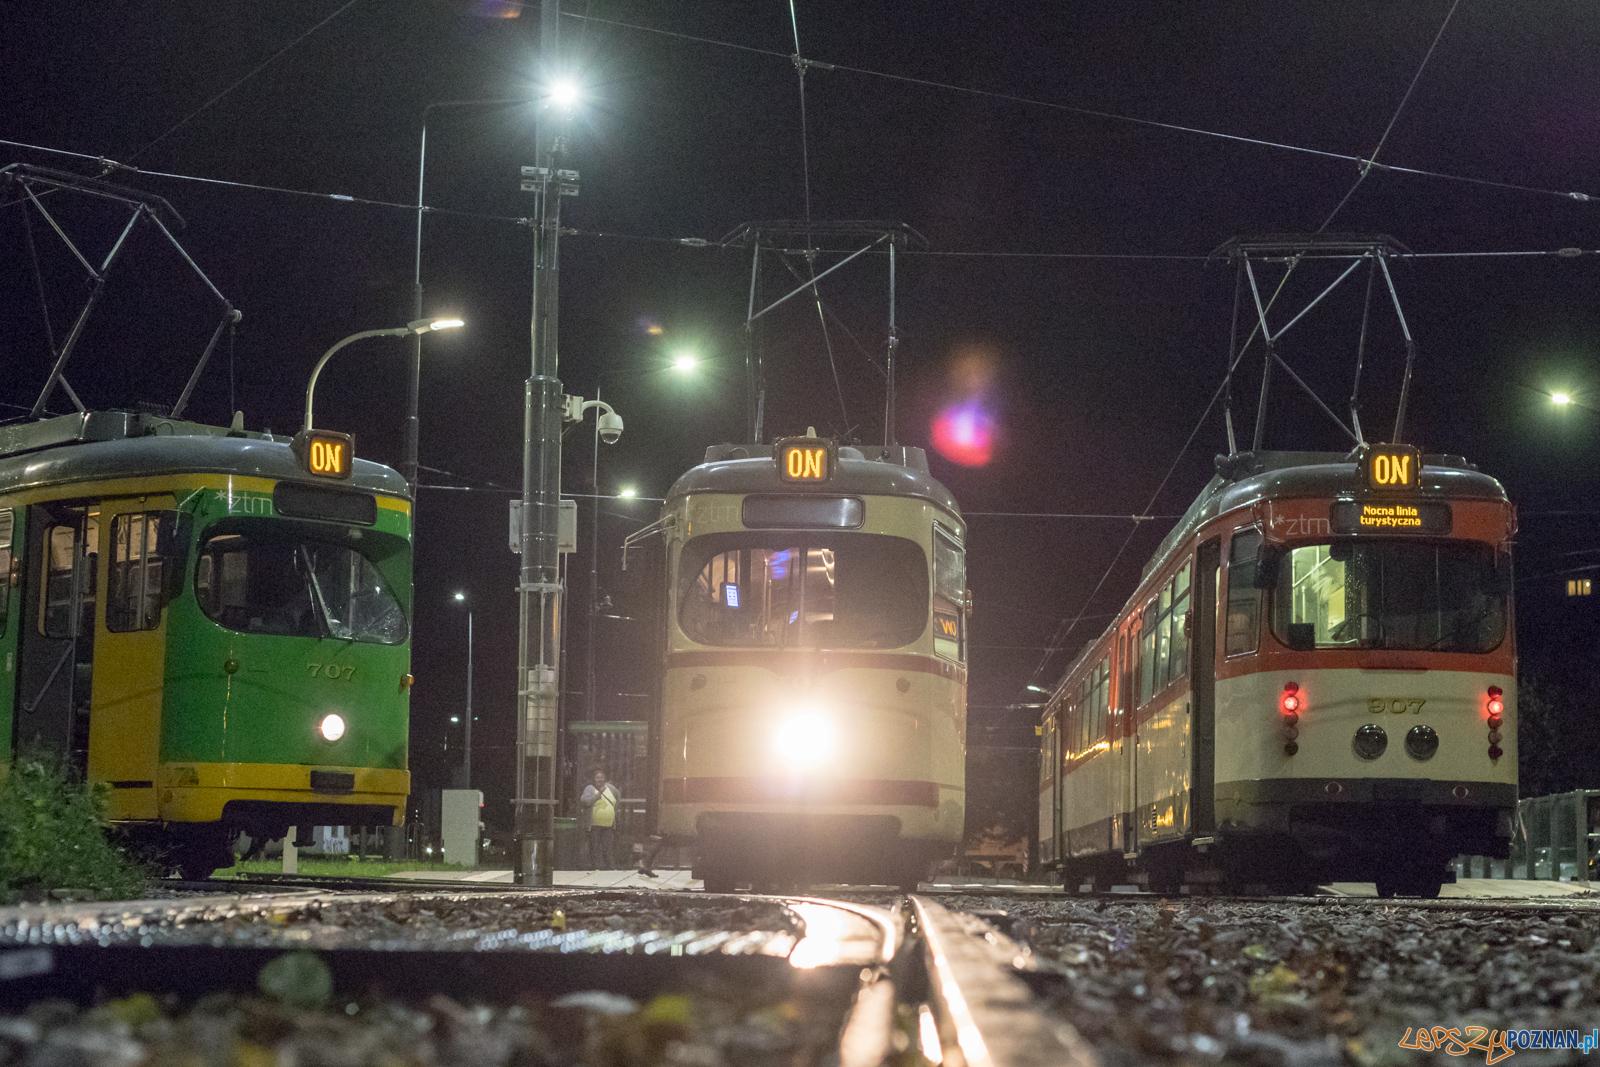 Ostatni kurs nocnej linii turystycznej w sezonie  Foto: lepszyPOZNAN.pl/Piotr Rychter